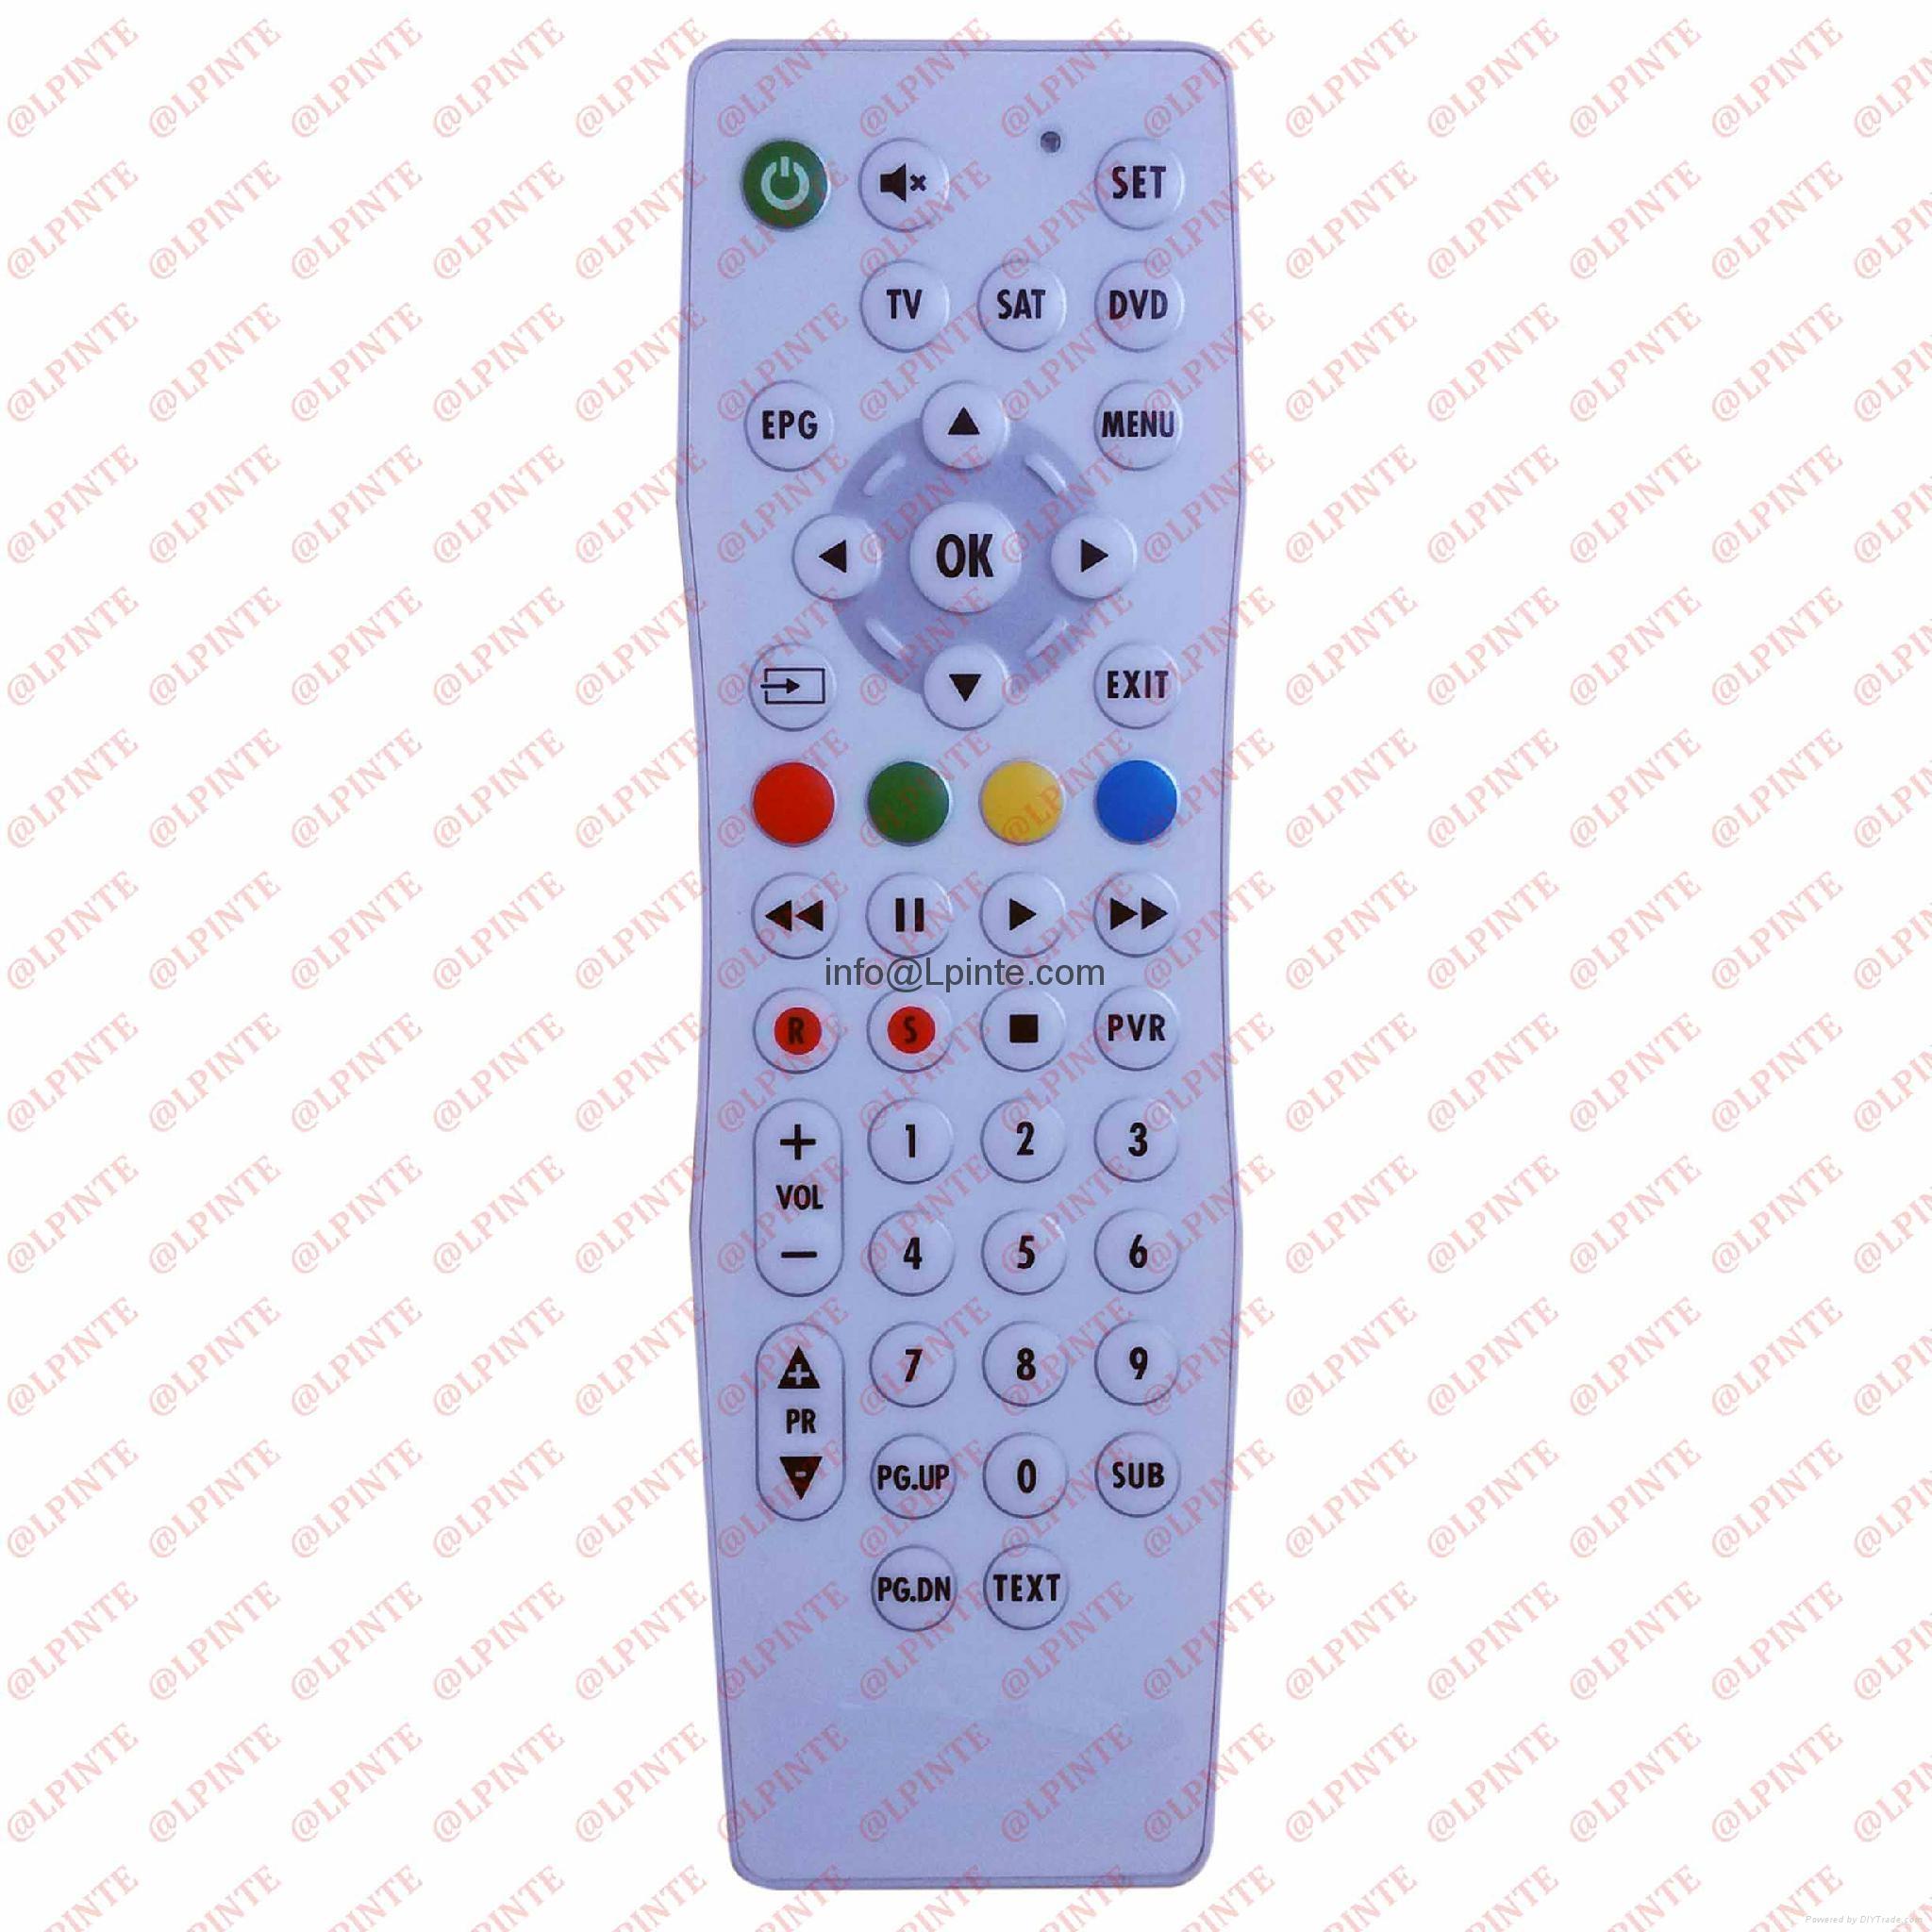 mirror tv remote control